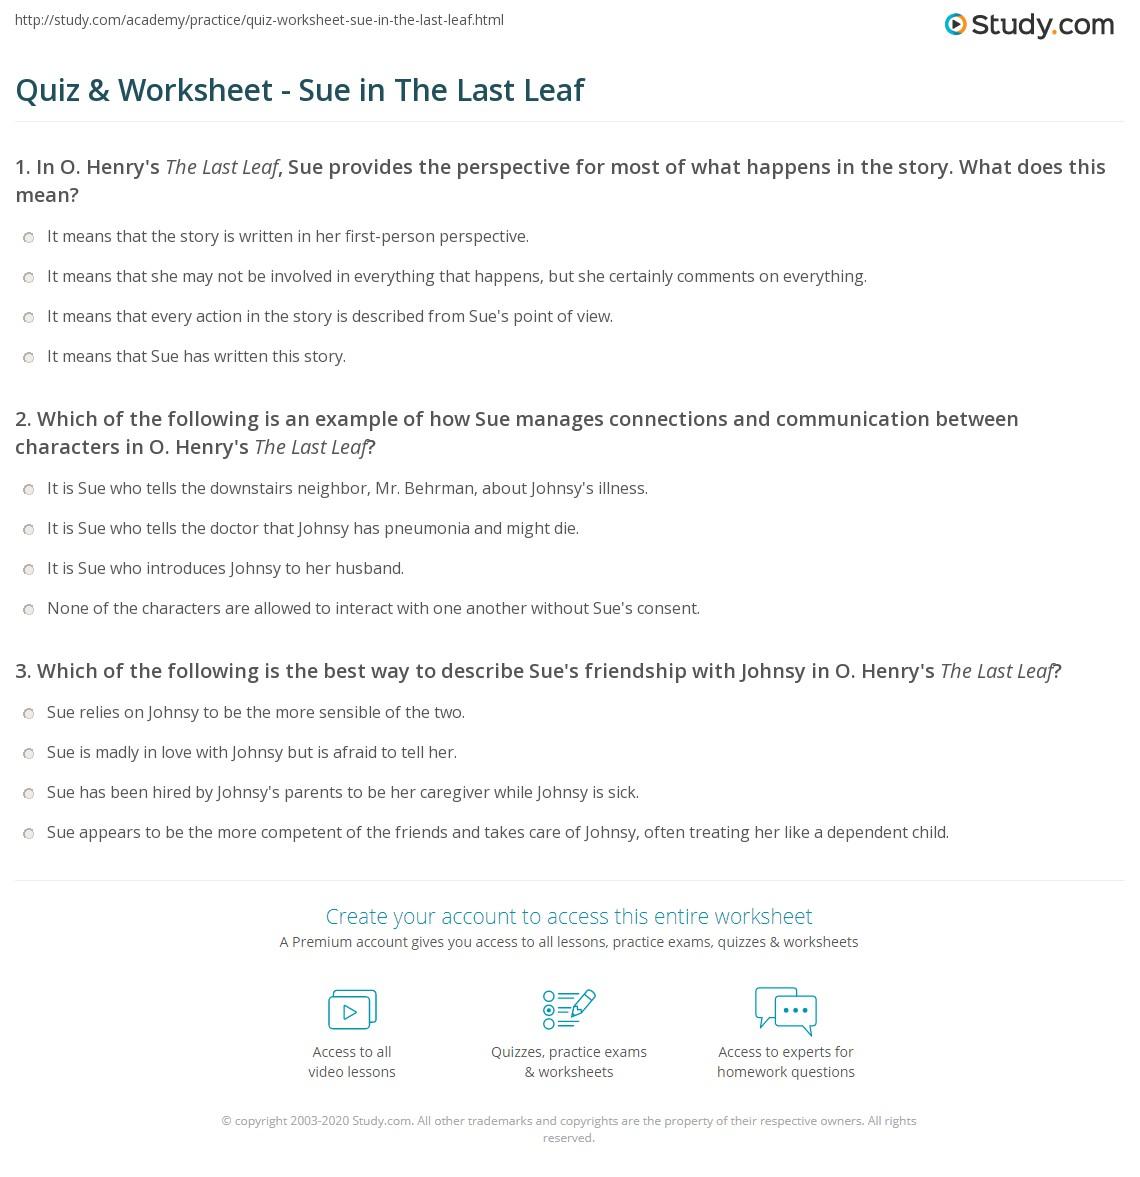 quiz worksheet sue in the last leaf. Black Bedroom Furniture Sets. Home Design Ideas